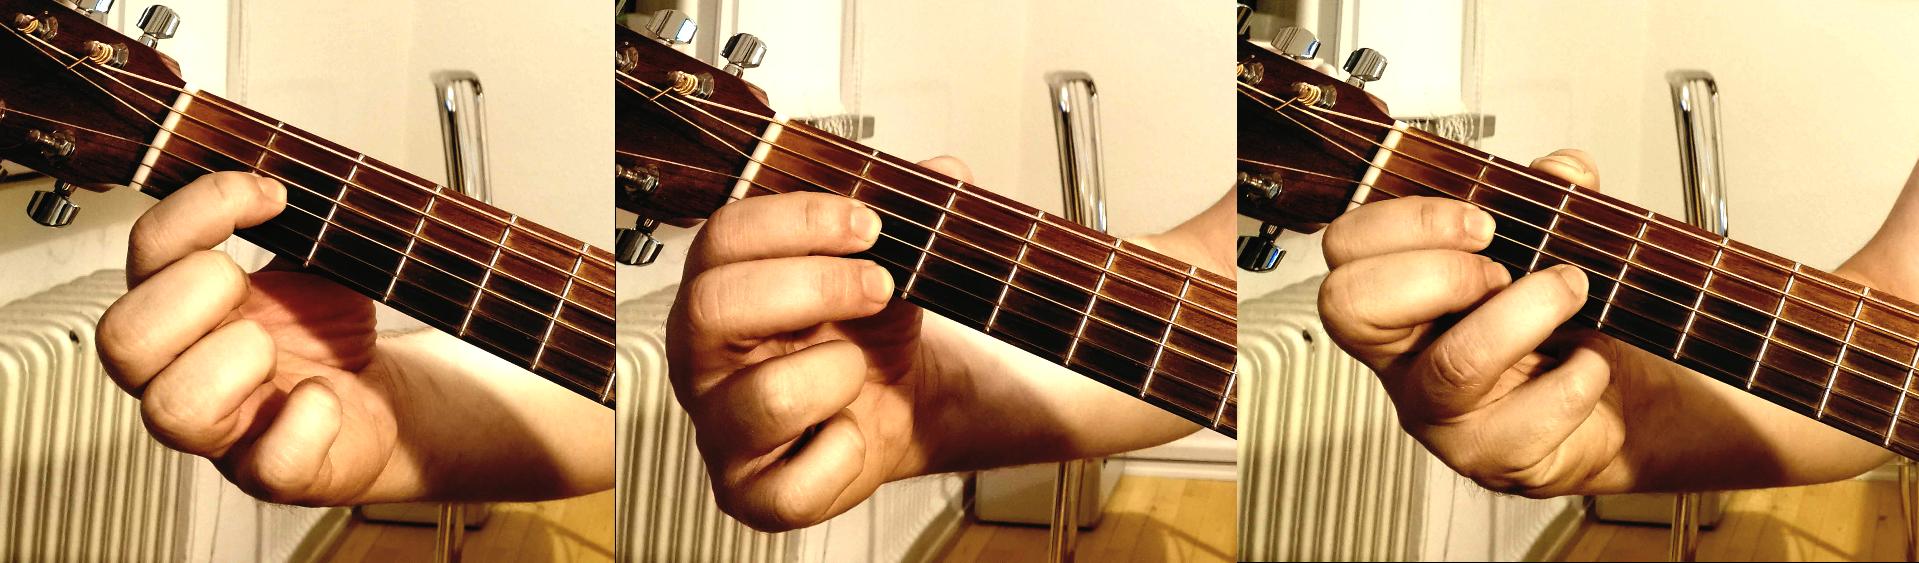 D akkorden finger efter finger